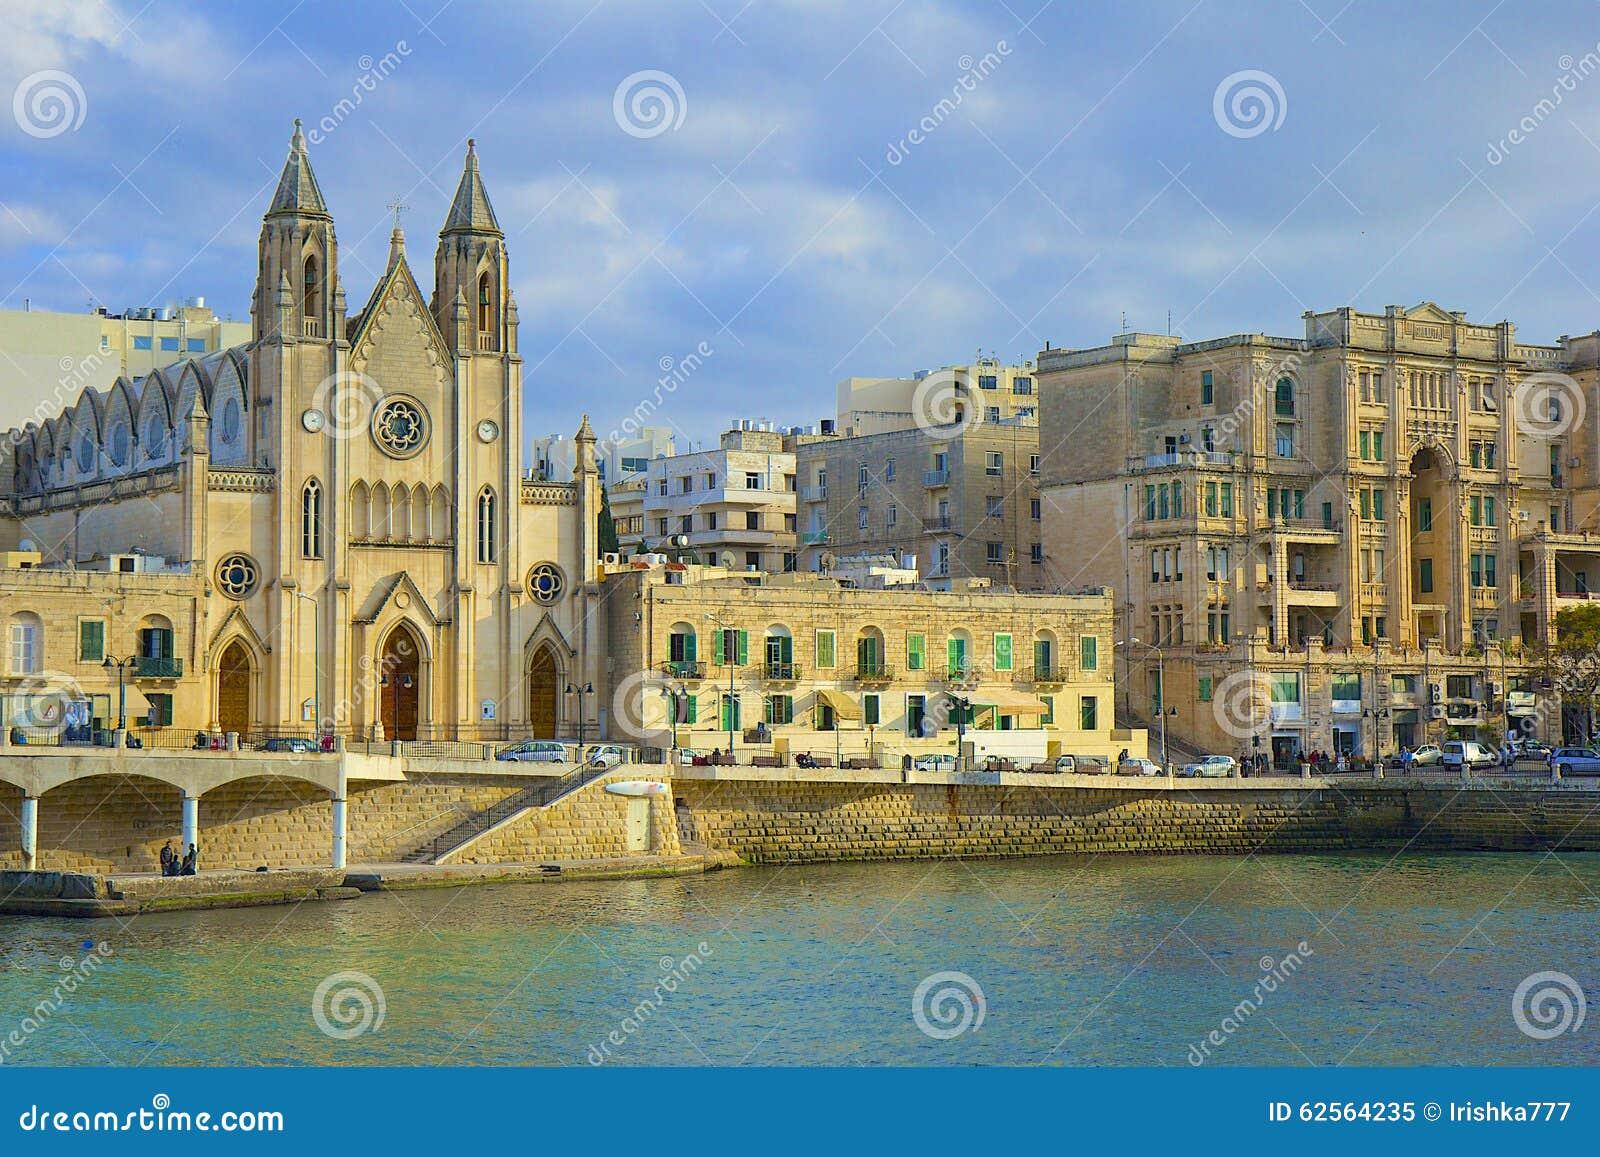 Cattedrale di Sliema e lungomare, Malta